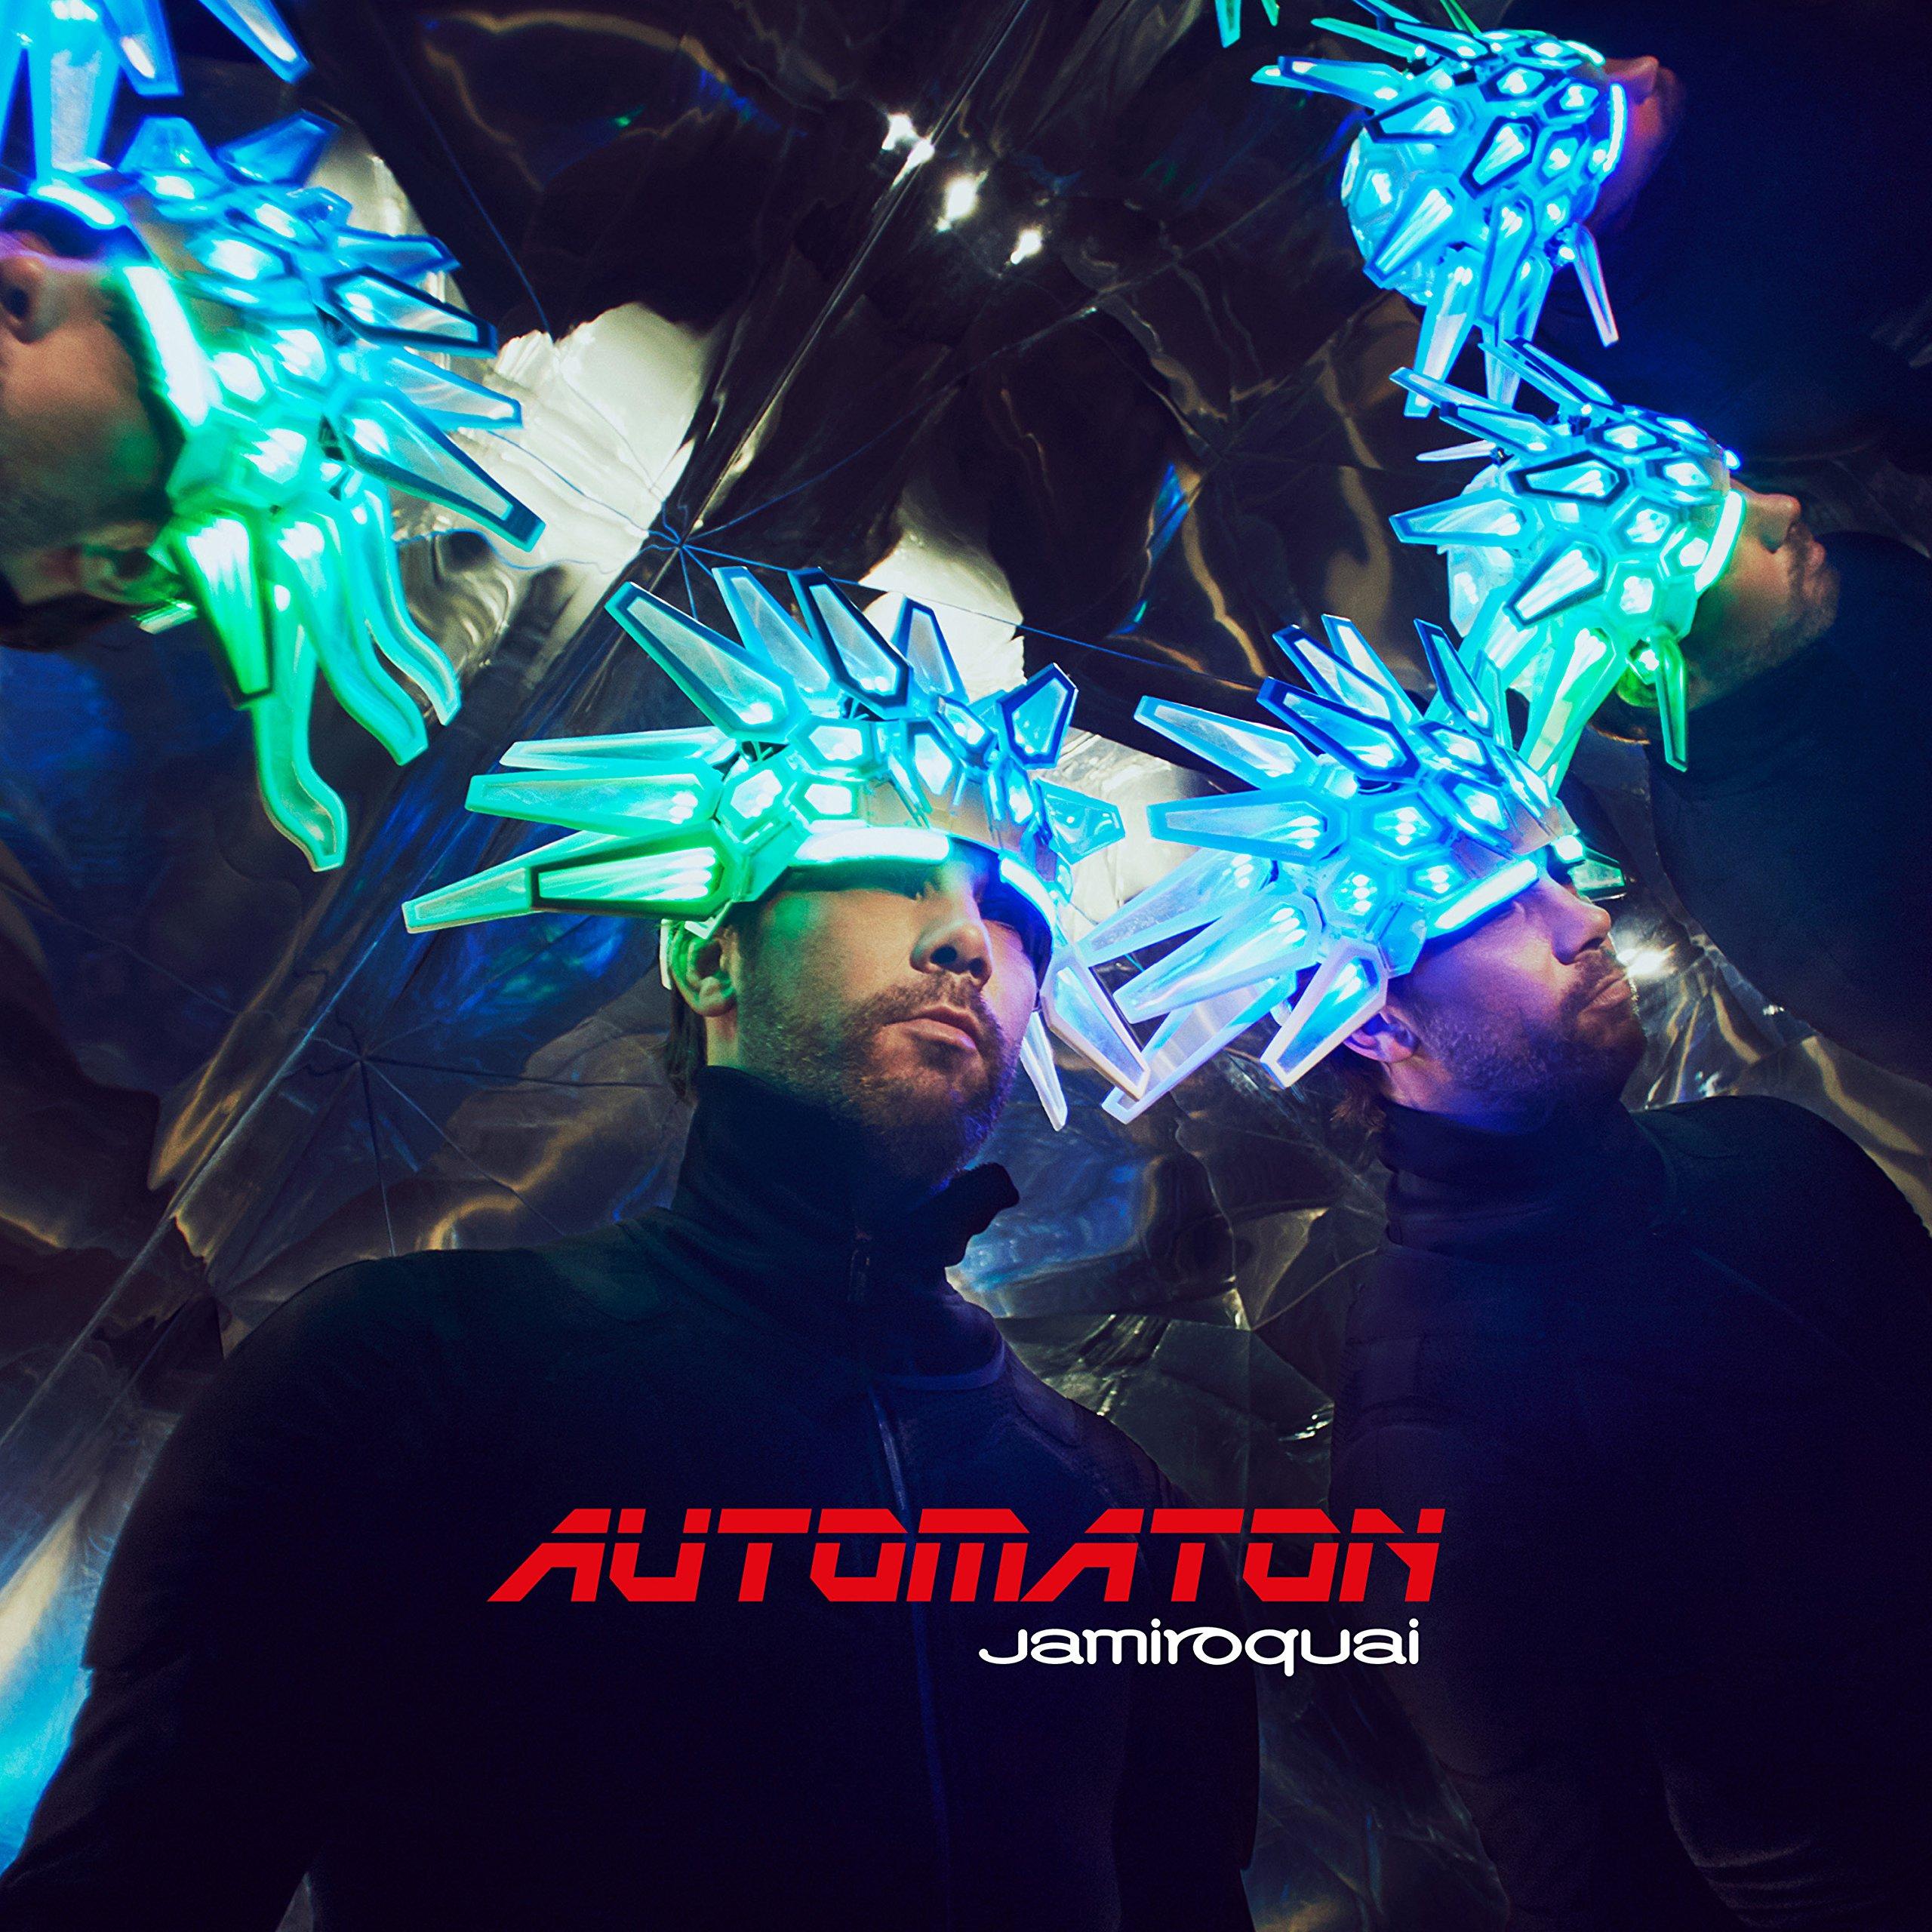 Jamiroquai - Automaton (2017) [FLAC] Download